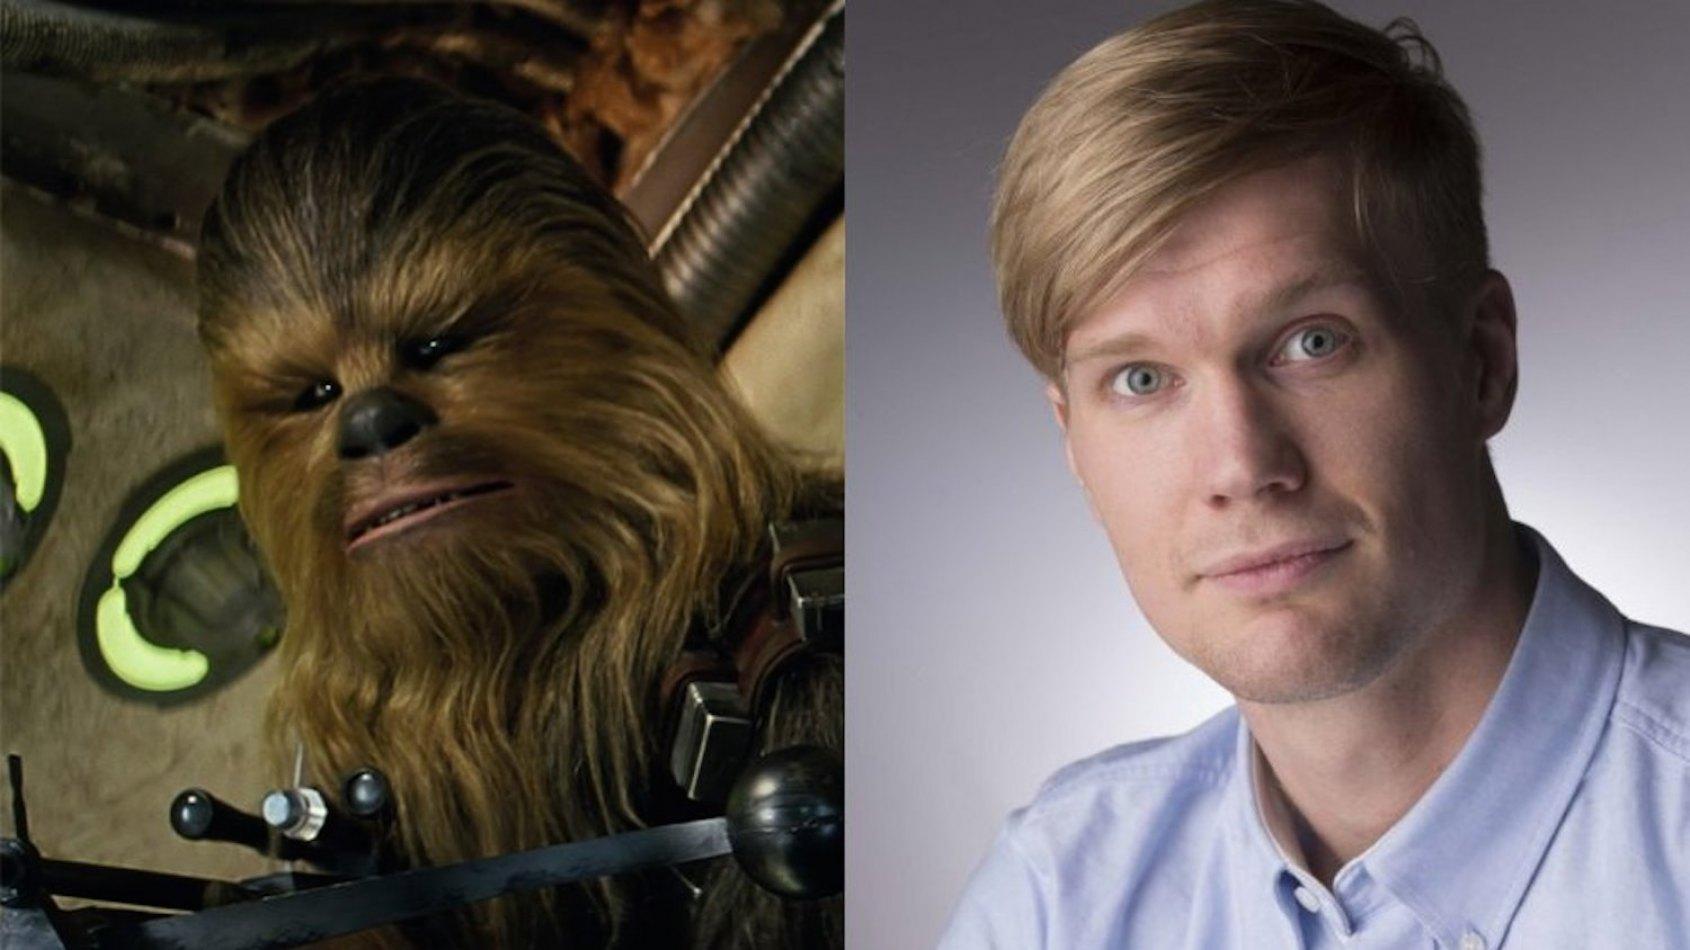 Un nouvel acteur pour Chewbacca dans le Réveil de la Force